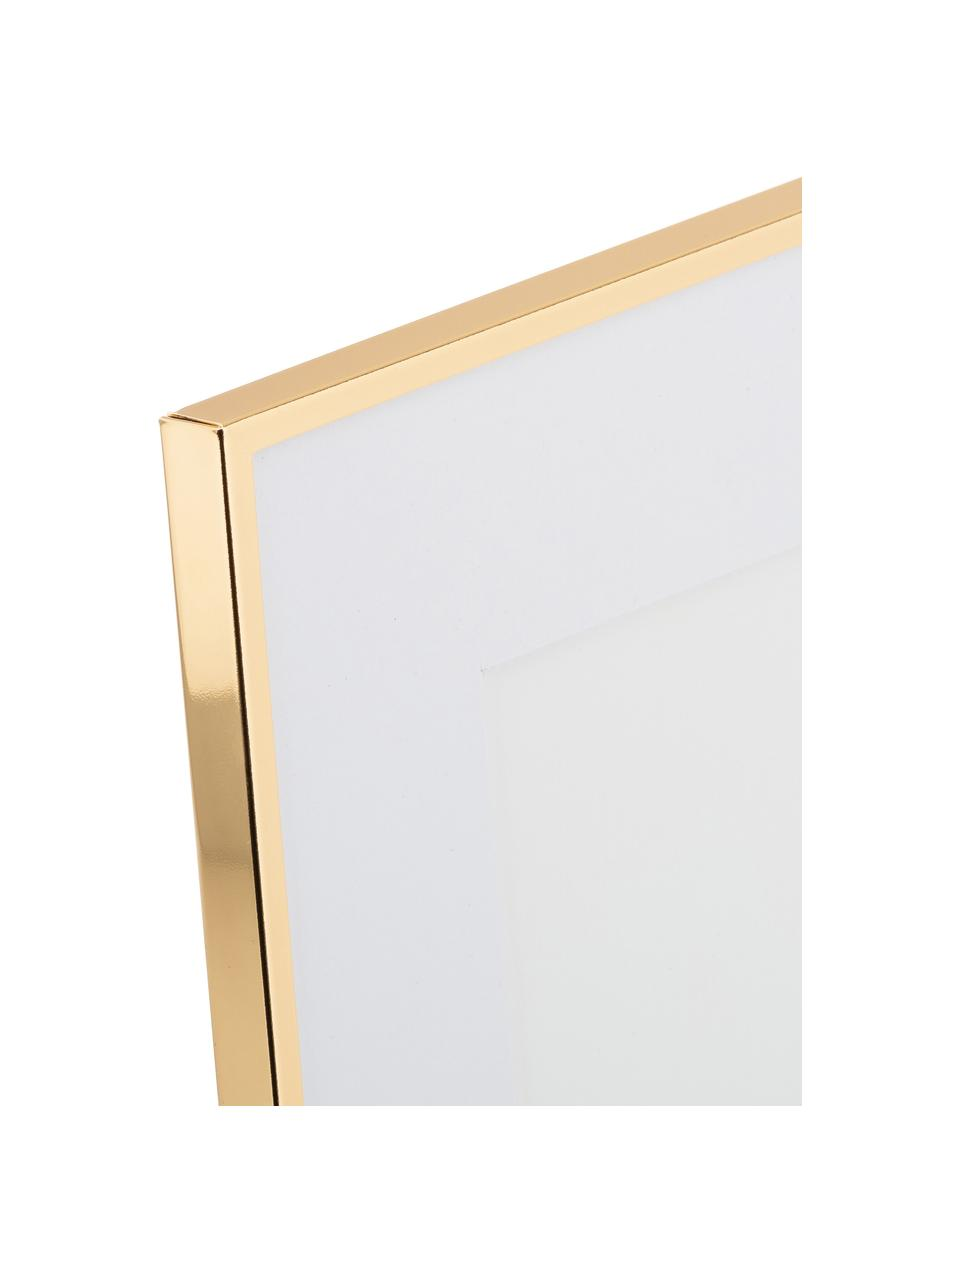 Bilderrahmen Memento, Rahmen: Eisen, hochglanz lackiert, Front: Glas, spiegelnd, Goldfarben, 21 x 26 cm